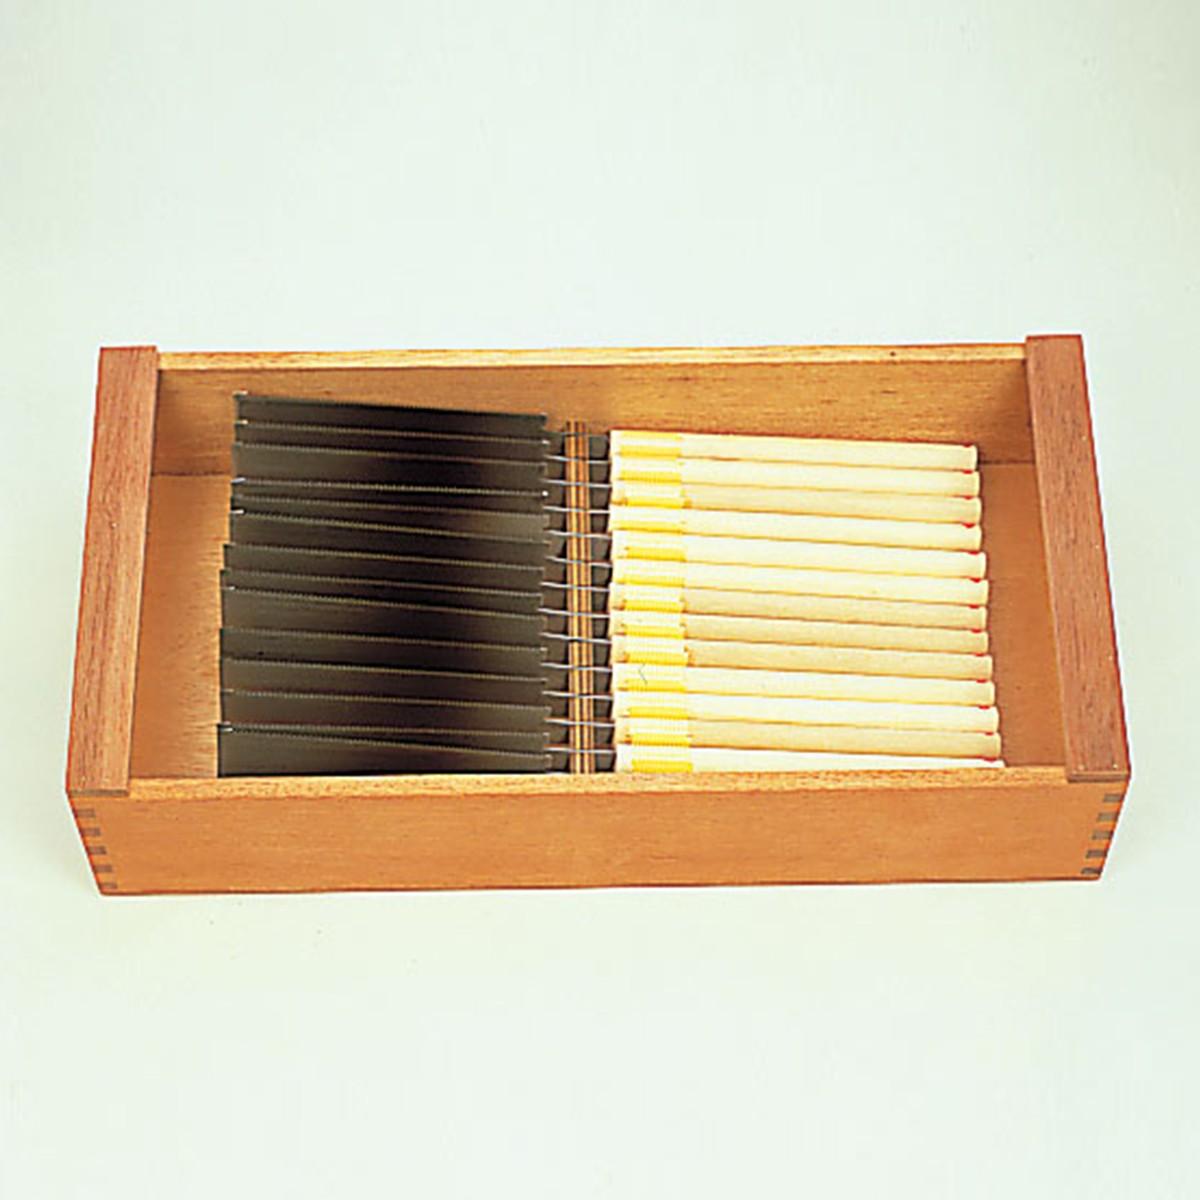 木工具整理箱 両刃のこぎり整理箱(幅広タイプ) 【 木工 木彫 木工具 収納 整理 箱 】